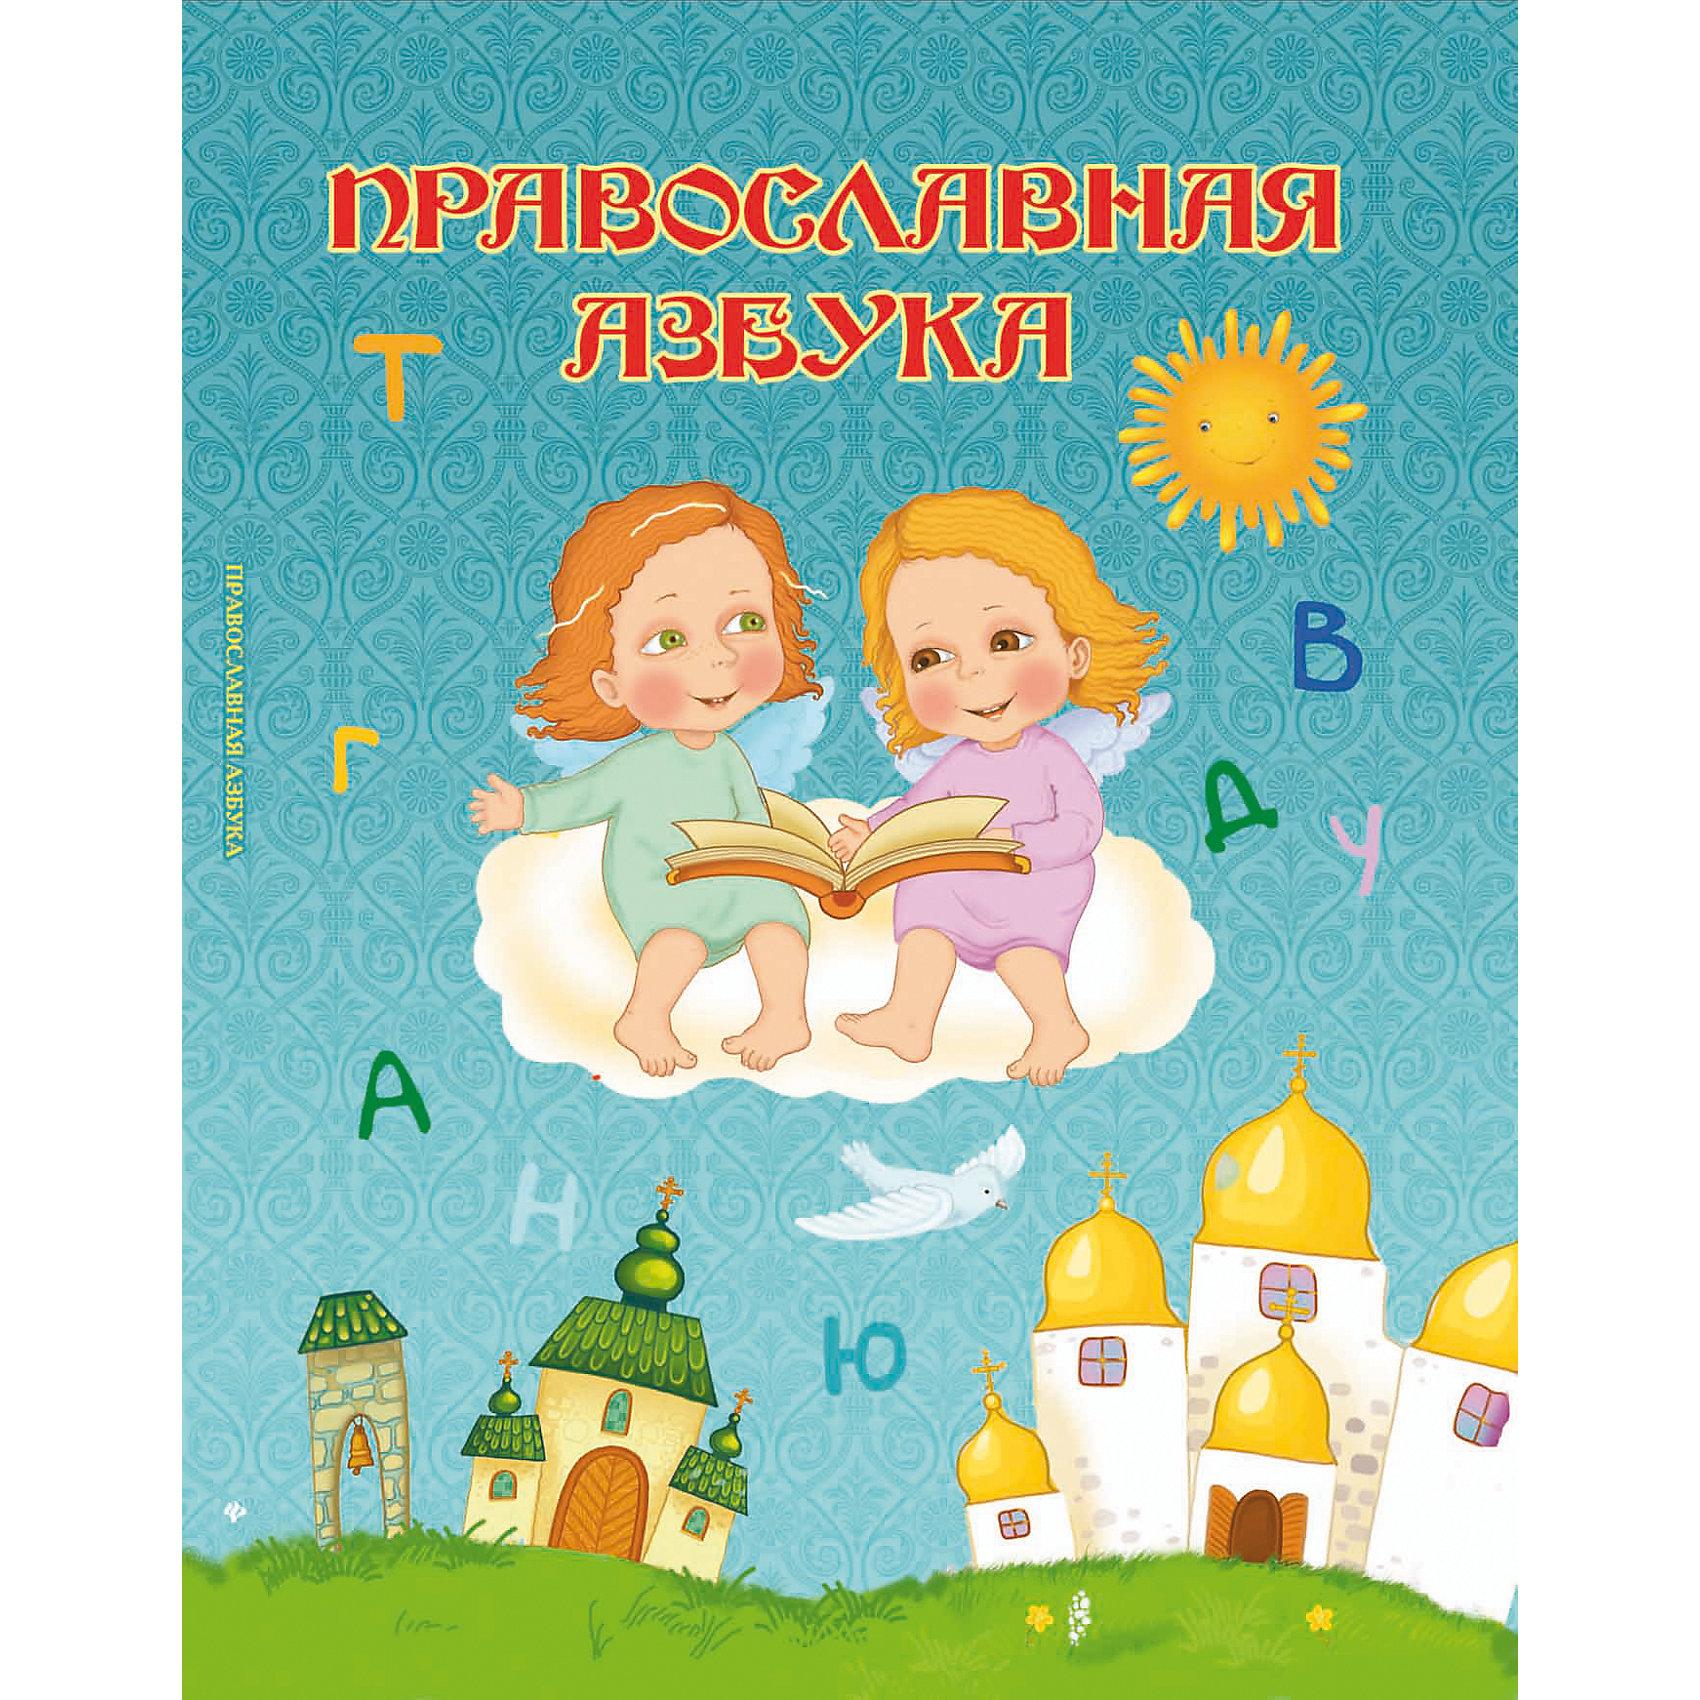 Православная азбукаФеникс<br>Книга Православная азбука обязательно понравится Вам и Вашему ребёнку! Любовно выполненные иллюстрации, добрые стихотворения просто и понятно расскажут о событиях Священного Писания, о великих православных праздниках, об основах этики. Каждое стихотворение<br>ориентировано на определенную букву алфавита. Пользоваться книгой очень просто: назовите букву, прочтите стихотворение и побеседуйте о его содержании с малышом.<br><br>Дополнительная информация:<br><br>- Автор: Н. Шемякина.<br>- Художник: М. Фляк.<br>- Серия: Моя первая книжка.<br>- Обложка: твердая.<br>- Иллюстрации: цветные.<br>- Объем: 64 стр.<br>- Размер: 25,9 x 0,9 x 21 см.<br>- Вес: 0,205 кг.<br><br>Книгу Православная азбука, Феникс-Премьер, можно купить в нашем интернет-магазине.<br><br>Ширина мм: 259<br>Глубина мм: 210<br>Высота мм: 9<br>Вес г: 2792<br>Возраст от месяцев: 24<br>Возраст до месяцев: 72<br>Пол: Унисекс<br>Возраст: Детский<br>SKU: 4771399